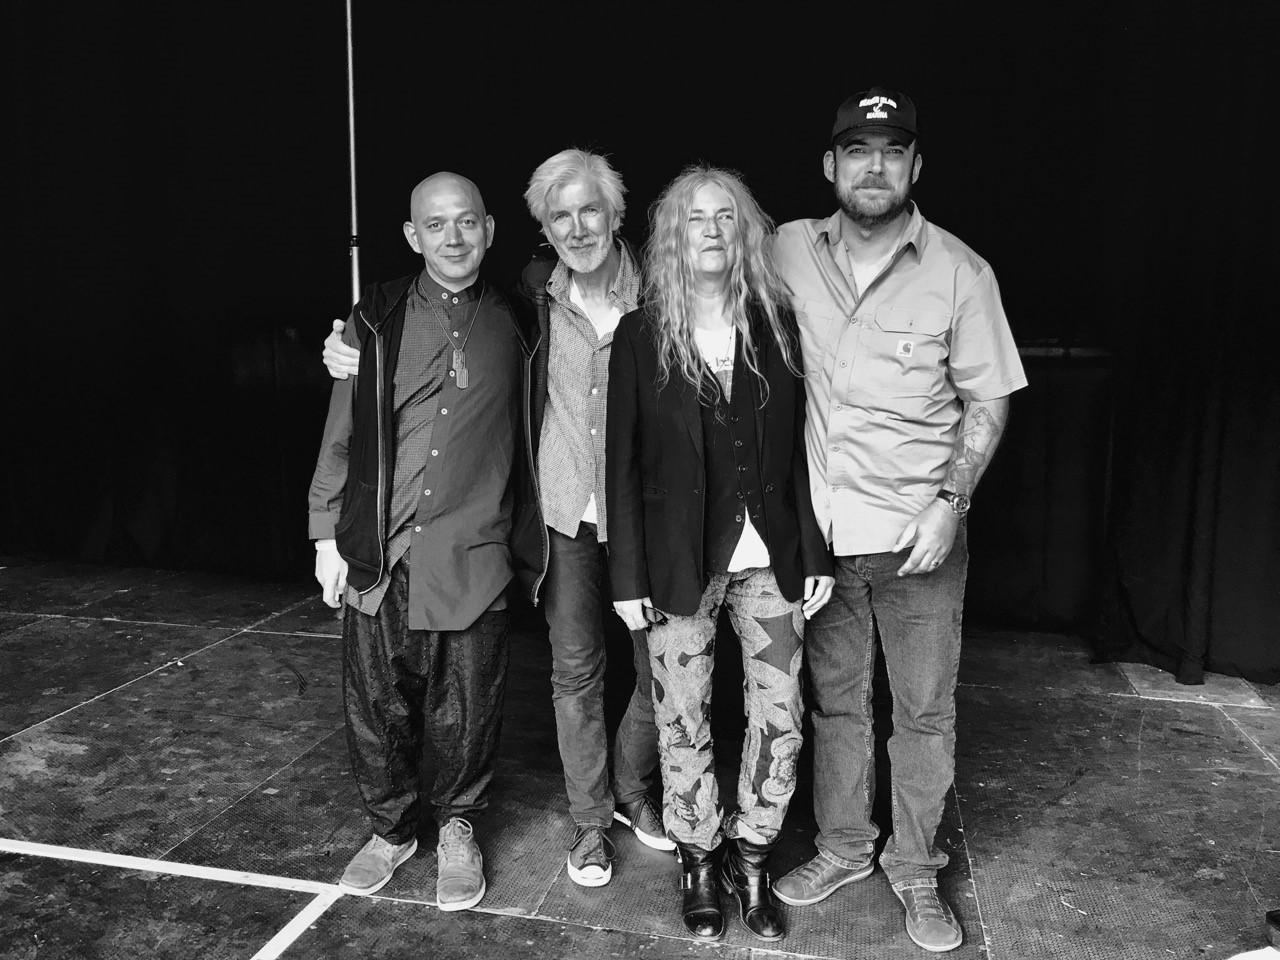 Anmeldelse: Patti Smith leverede rebelsk rockpoesi i flotte omgivelser